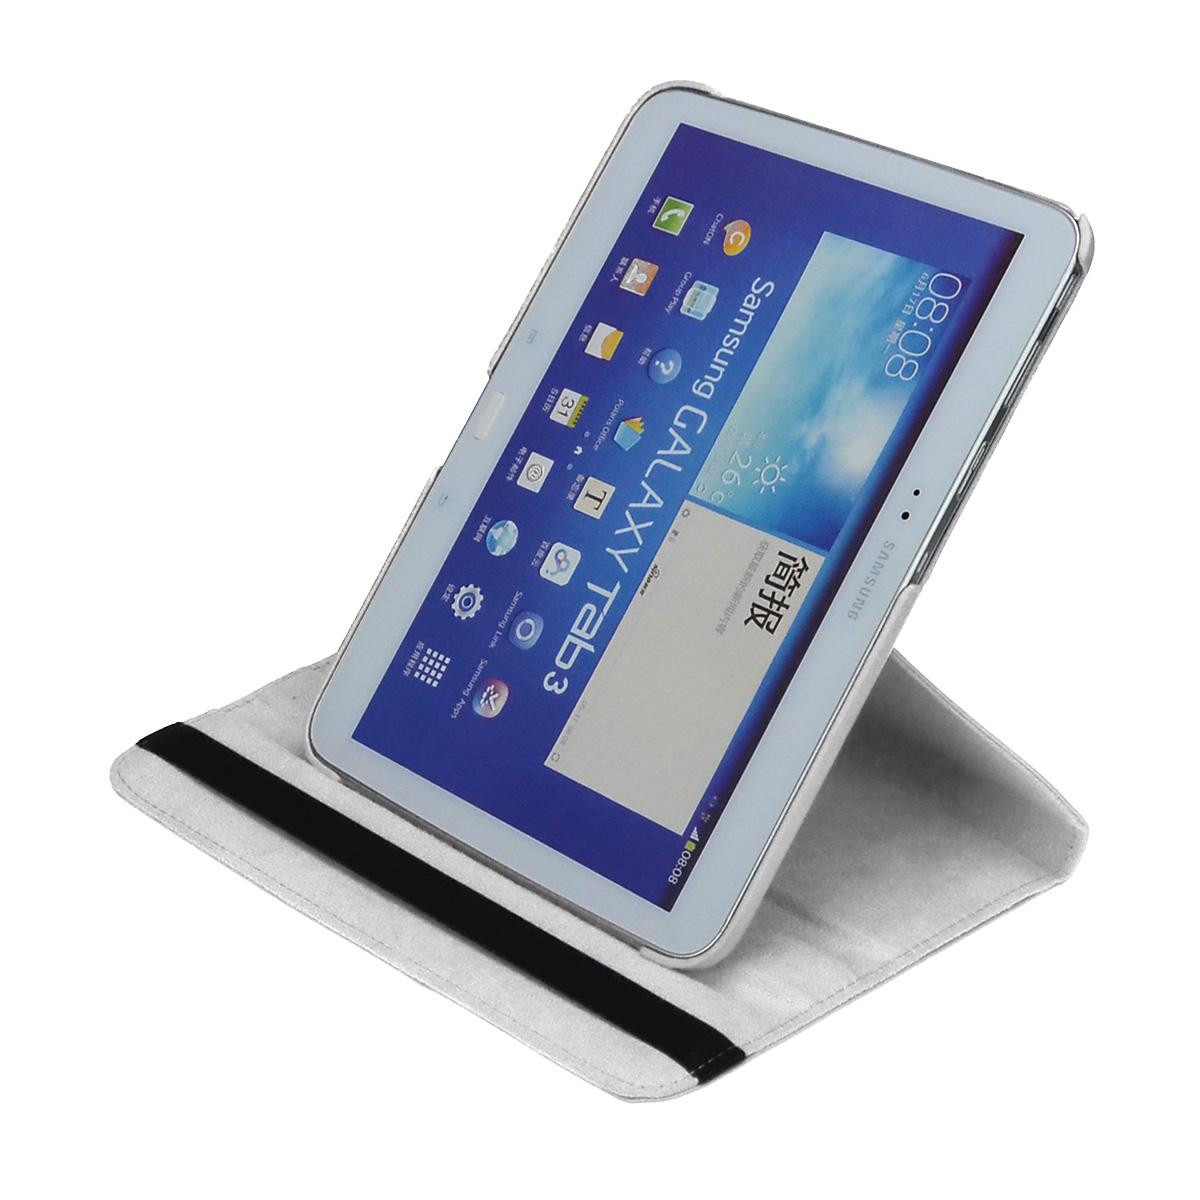 360-drehbar-Huelle-Samsung-Tab-E-9-6-Schutz-Cover-Case-Tasche-Etui-Staender-Folie Indexbild 15